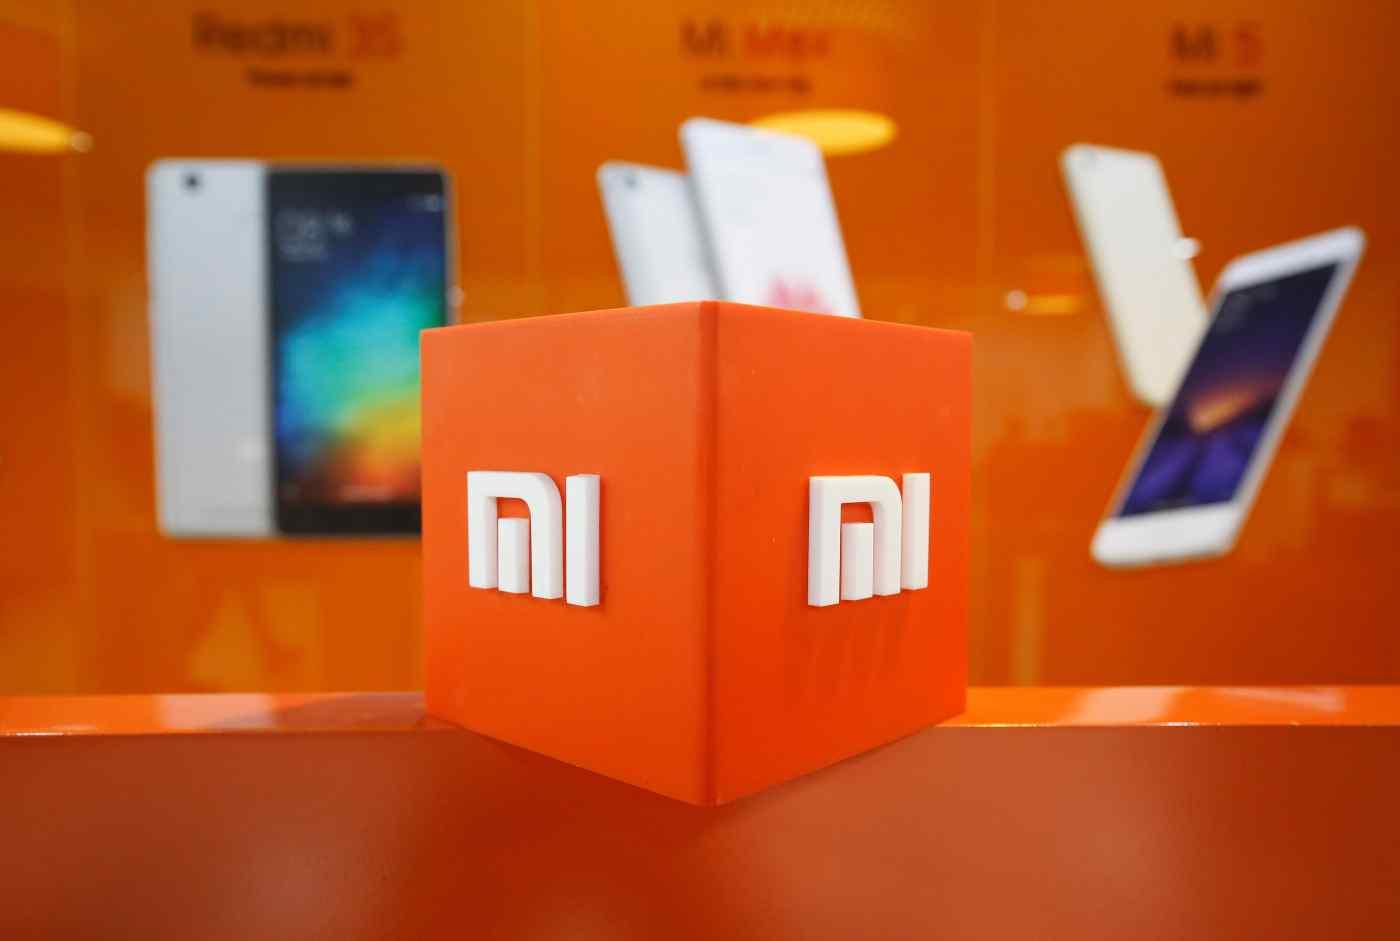 Xiaomi báo cáo lợi nhuận tăng đột biến, một phần nhờ thế chỗ Huawei - Ảnh 1.